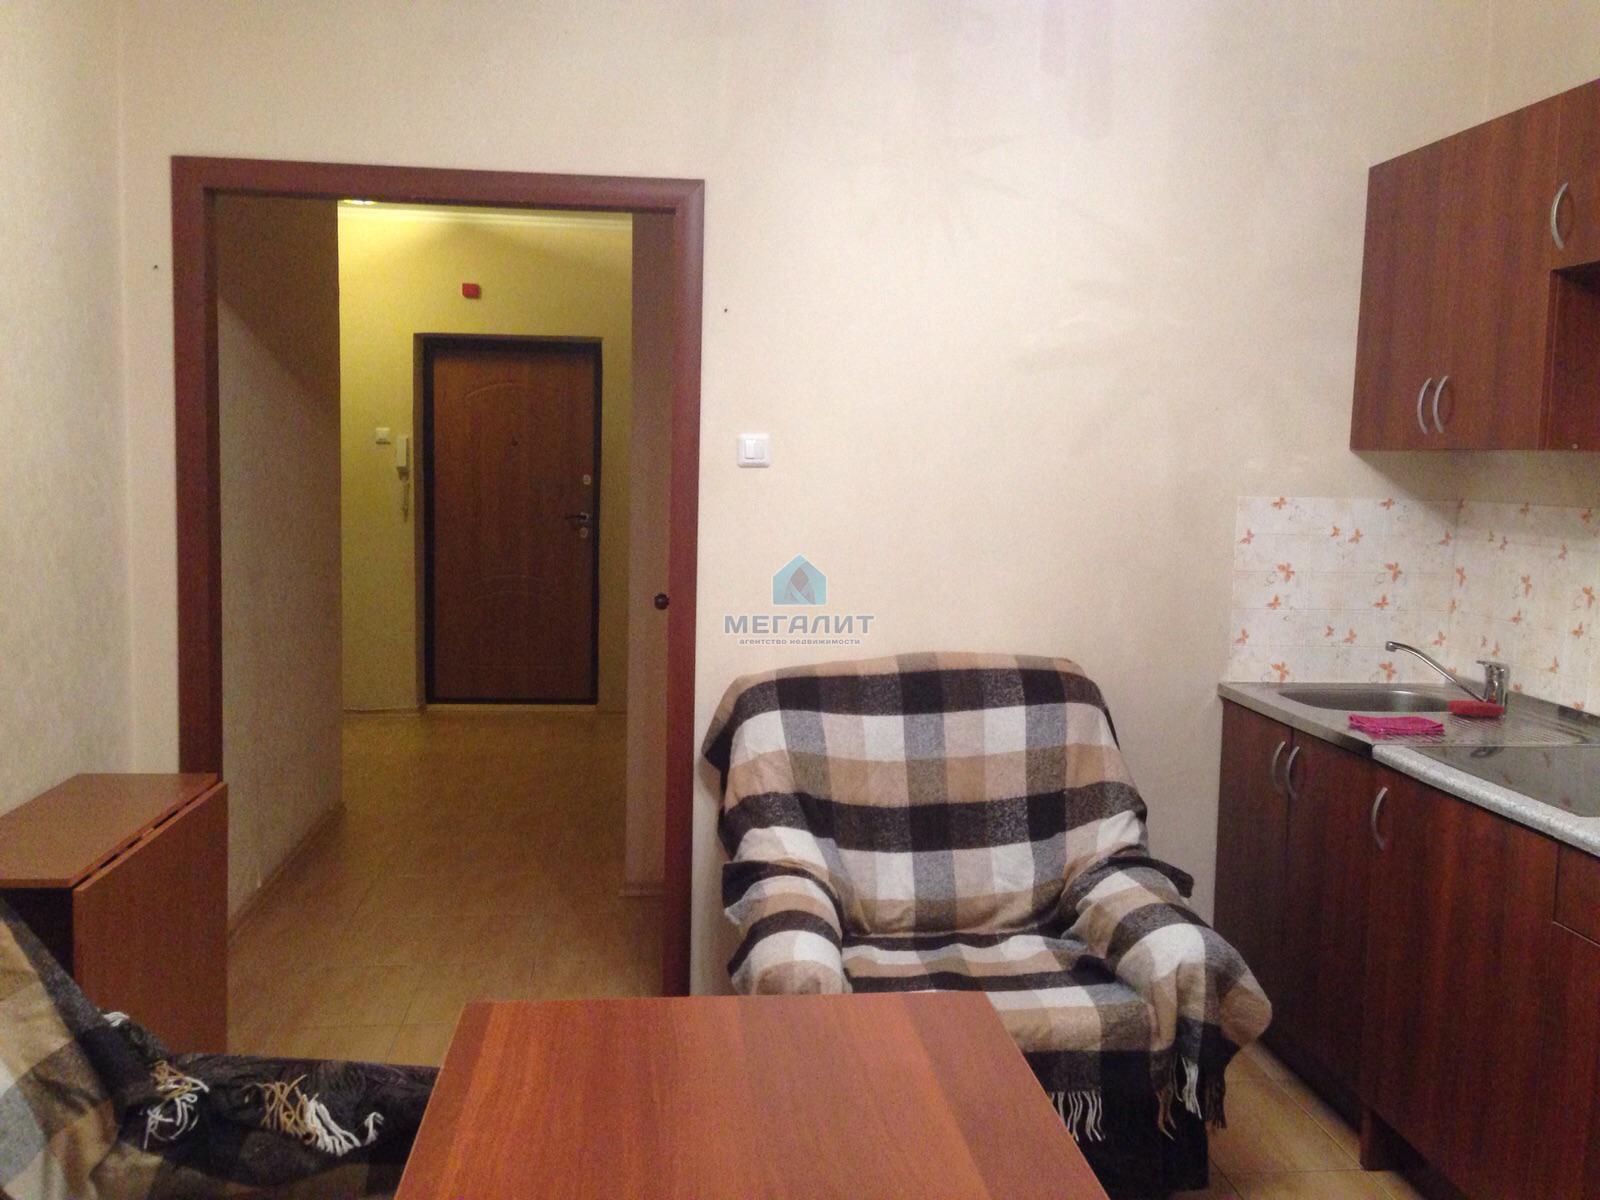 Аренда 1-к квартиры Мидхата Булатова 5, 50.0 м² (миниатюра №4)